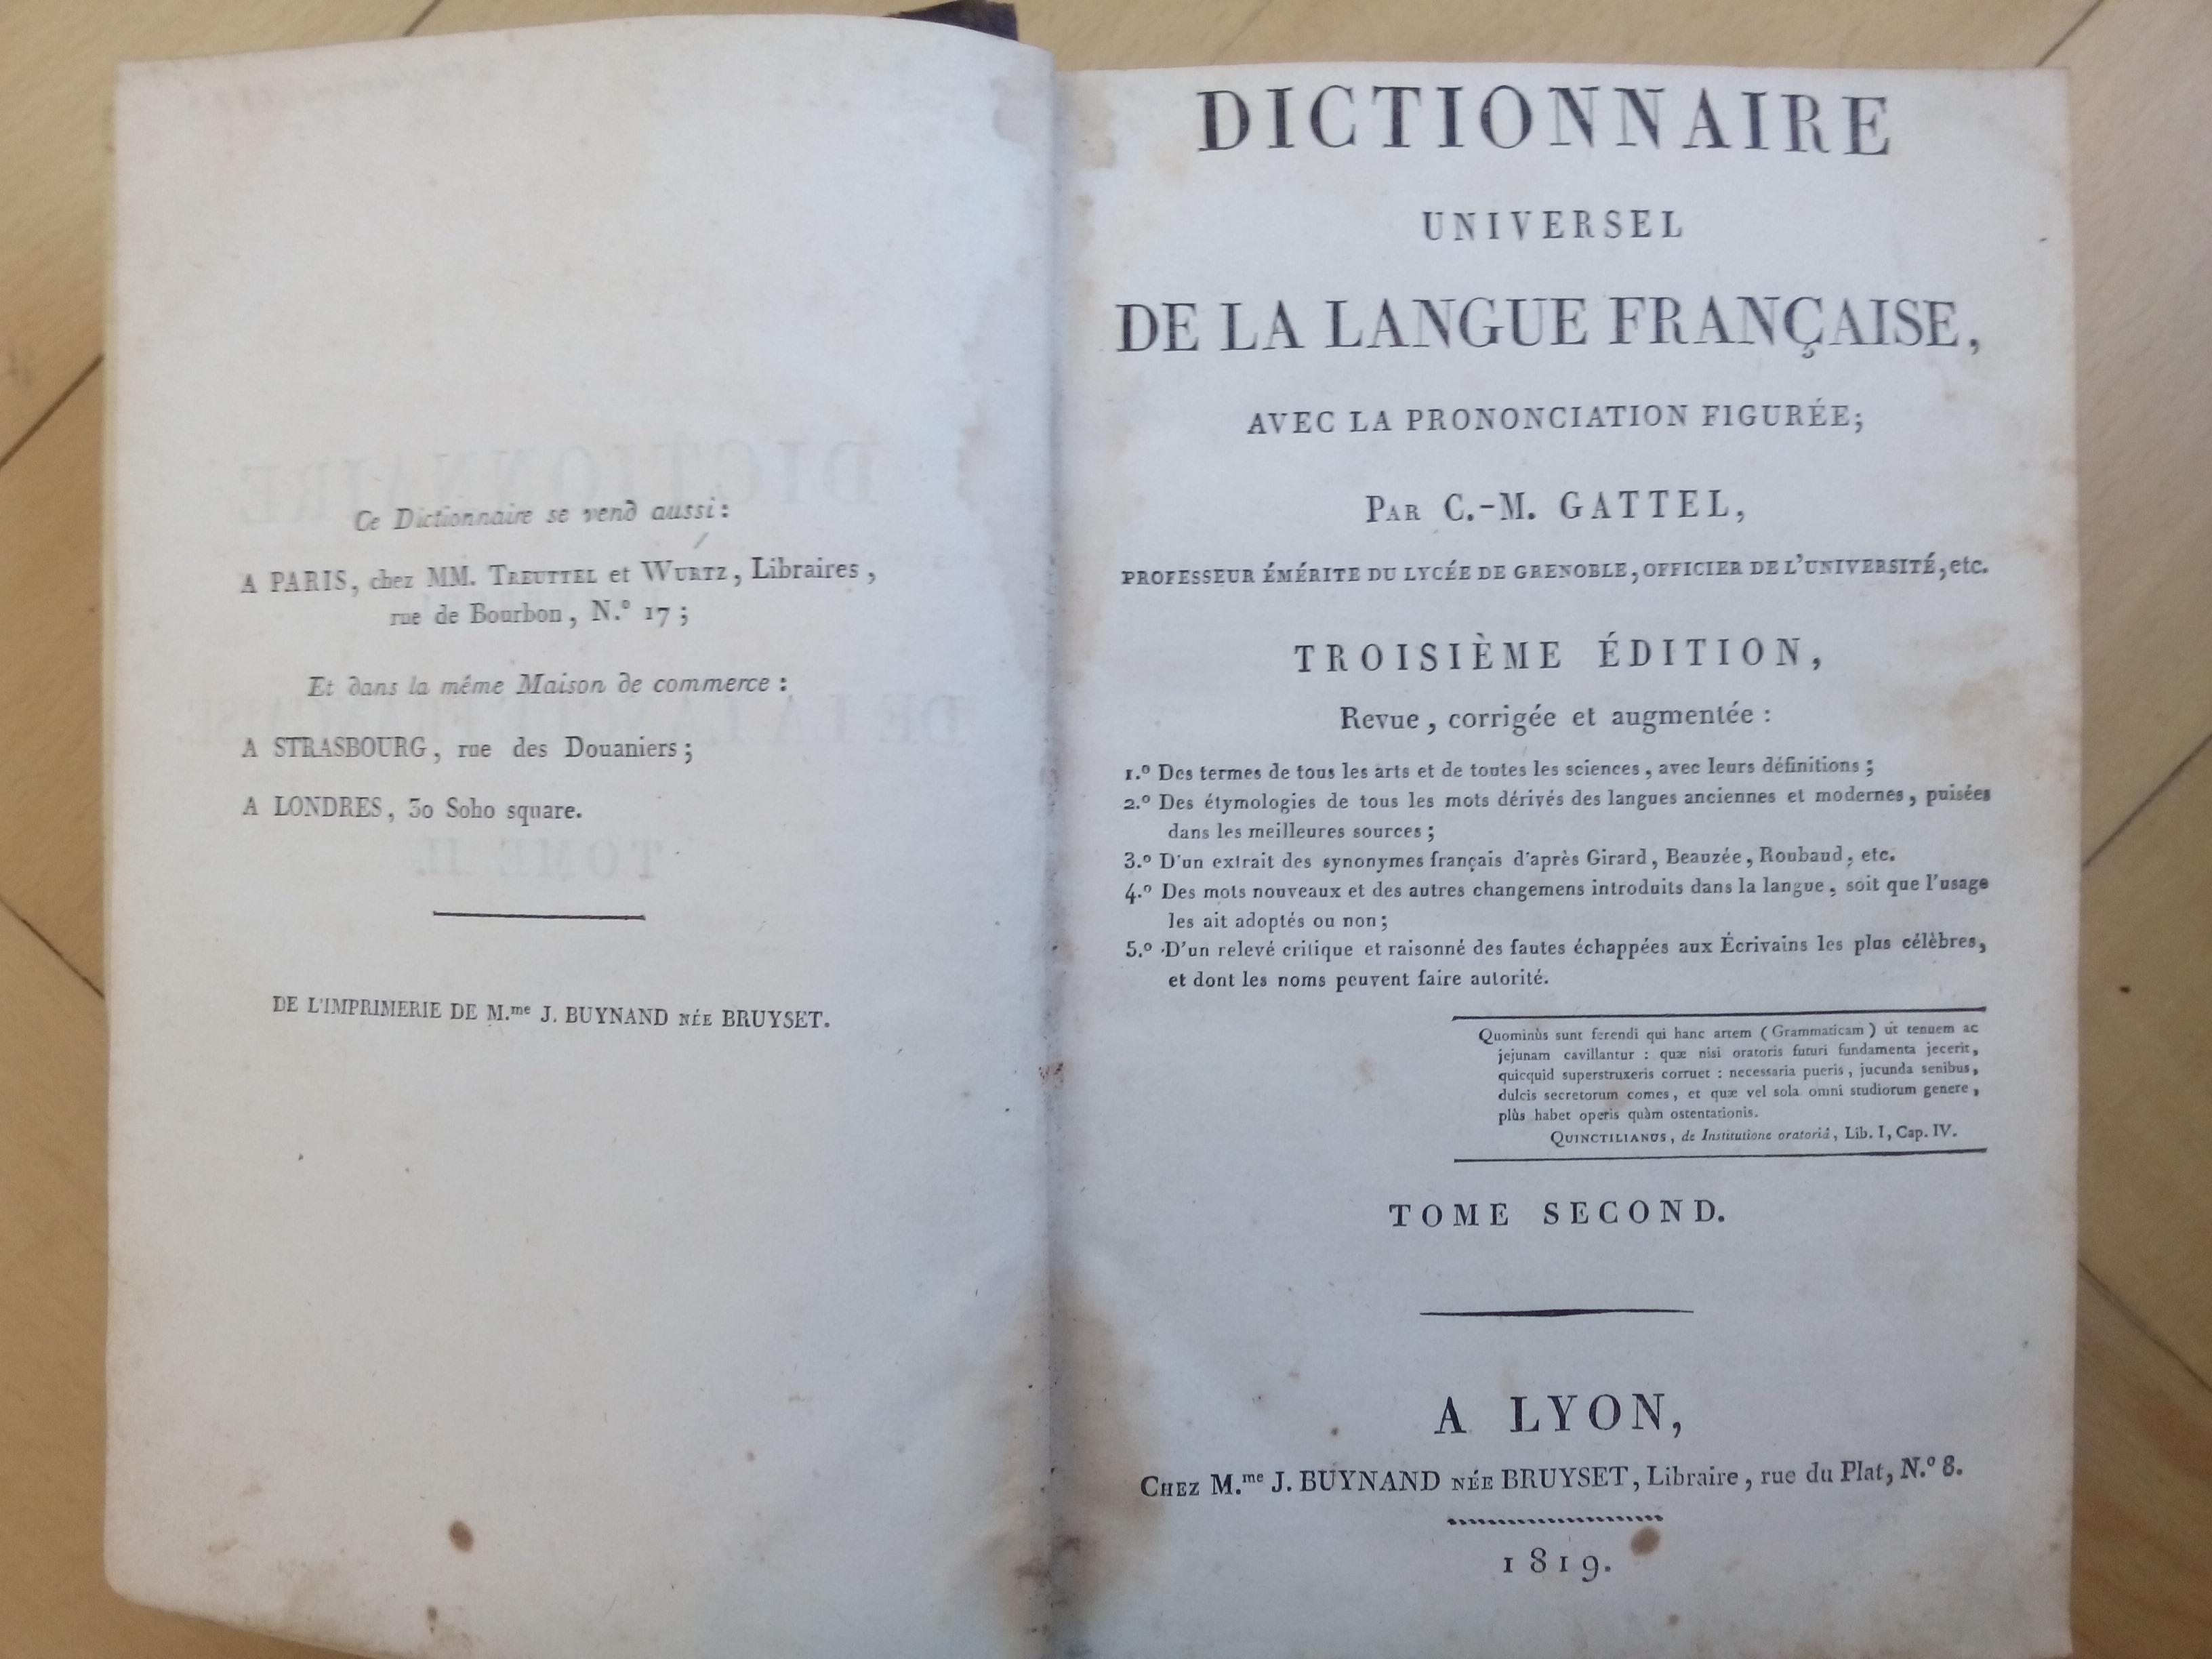 Dictionnaire_universel_de_la_langue_francaise_1819_tome_2-2